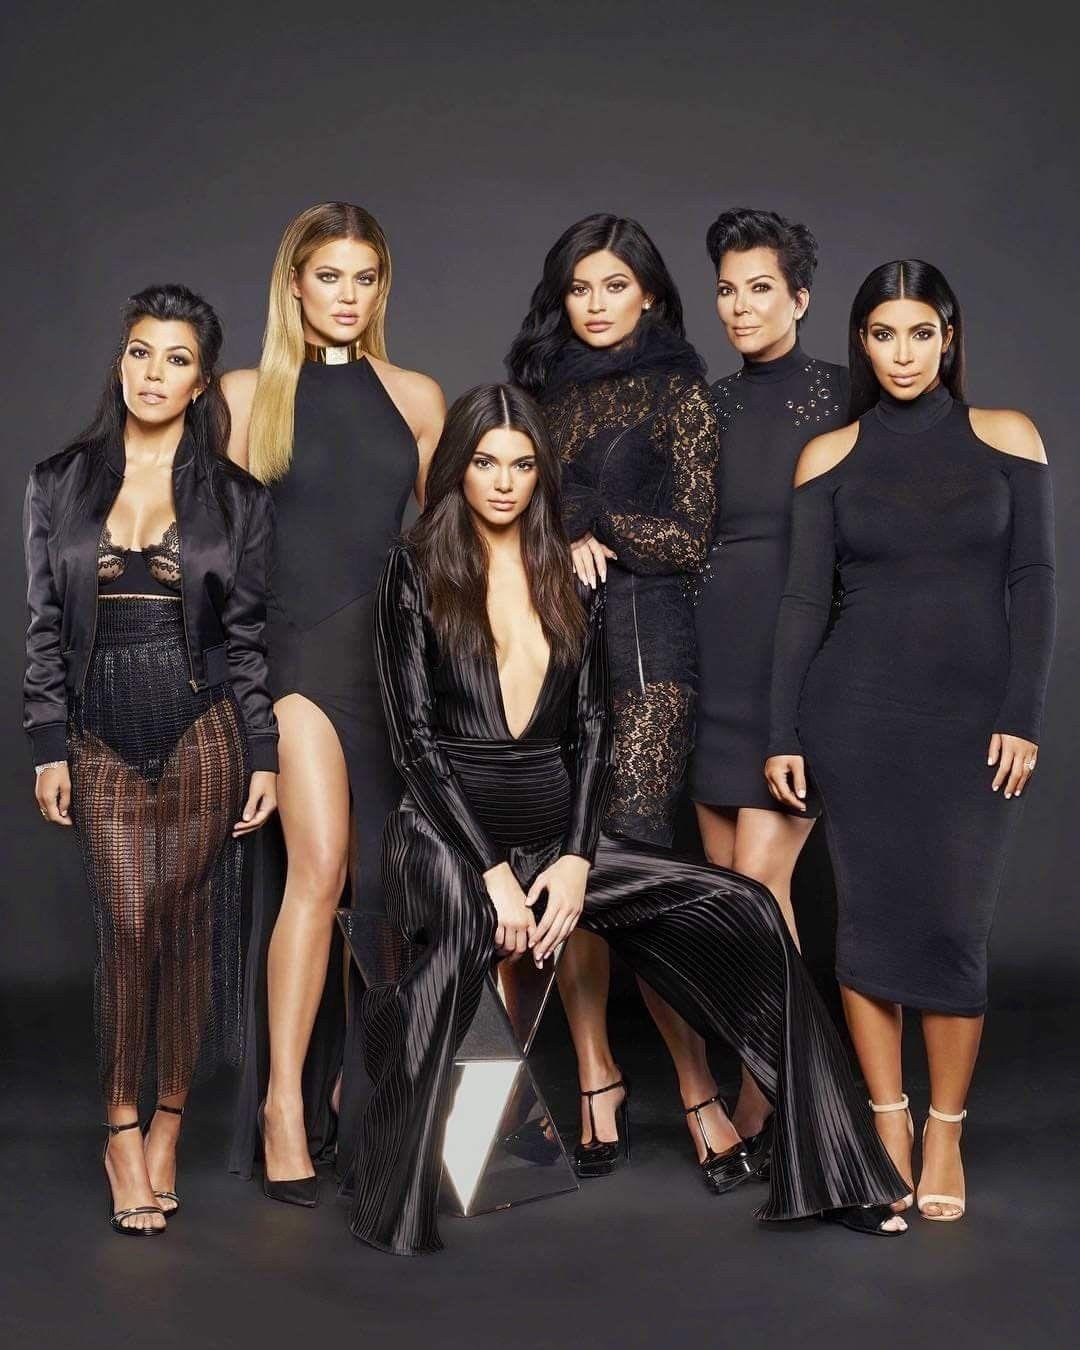 Kylie Jenner's family